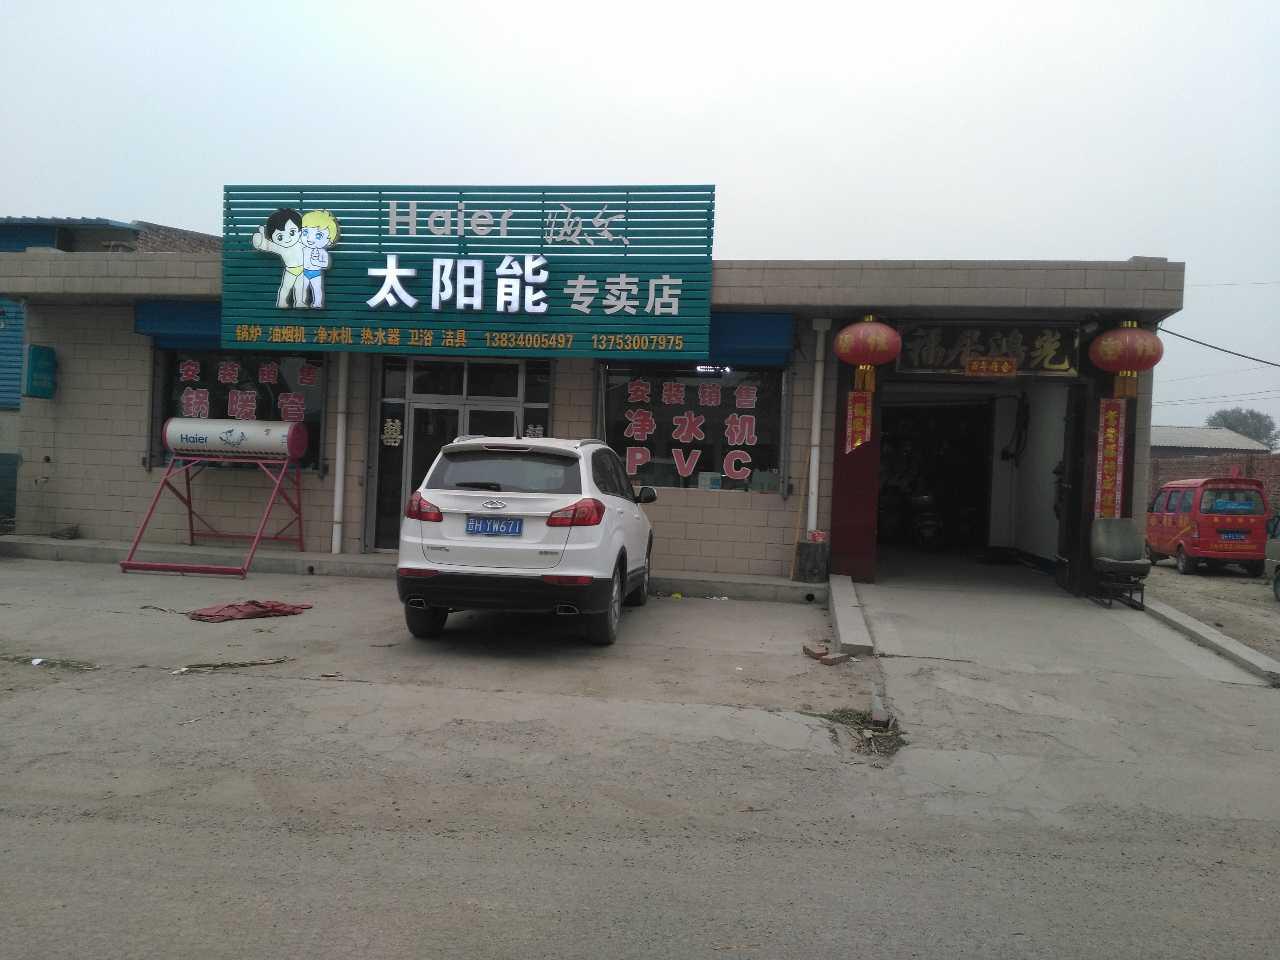 来自王应伟发布的供应信息:... - 山西省原平市应伟太阳能经销部